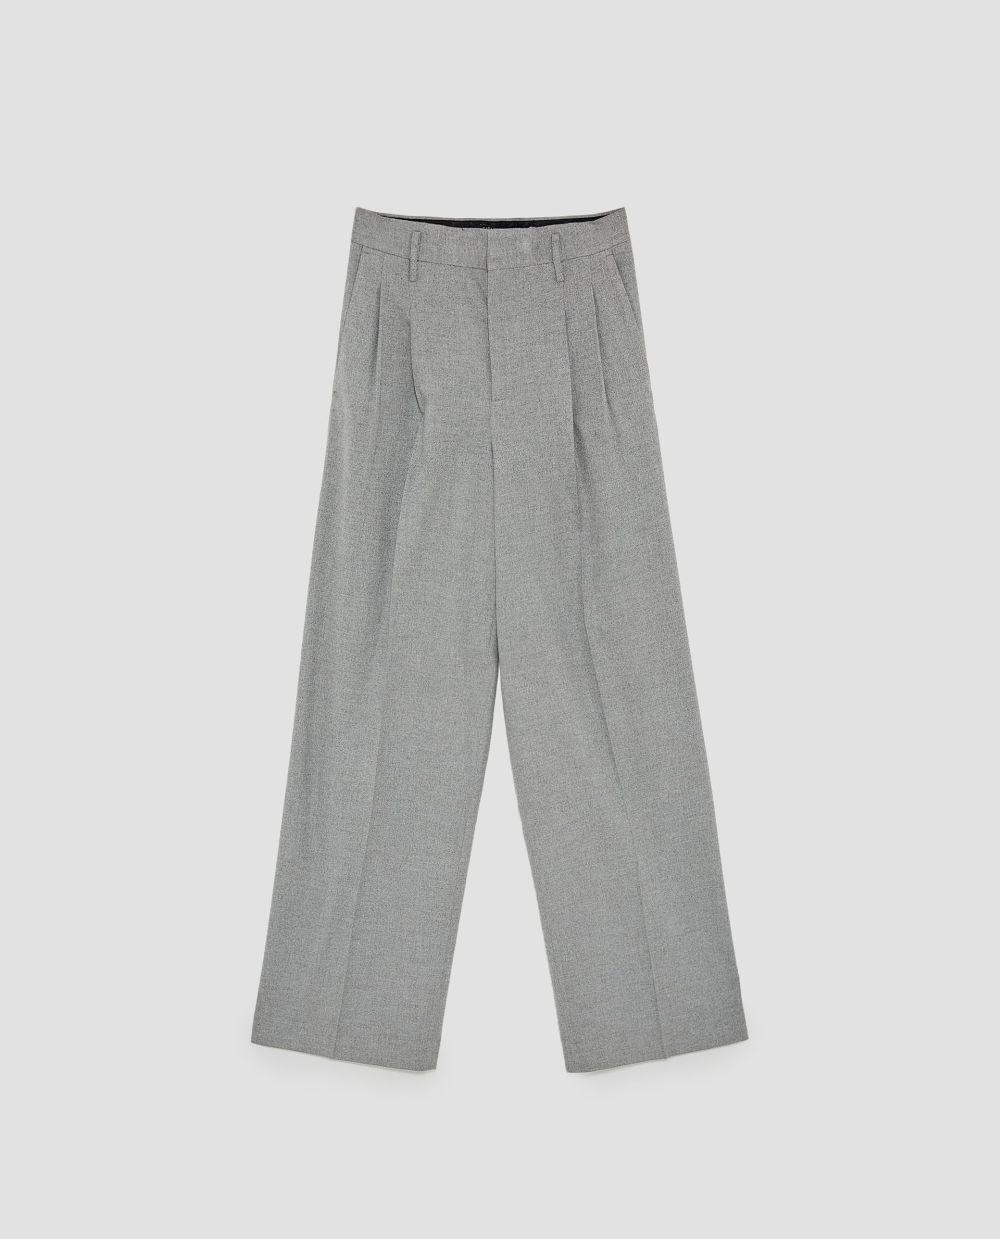 Pantalón de Zara (49,95 euros)